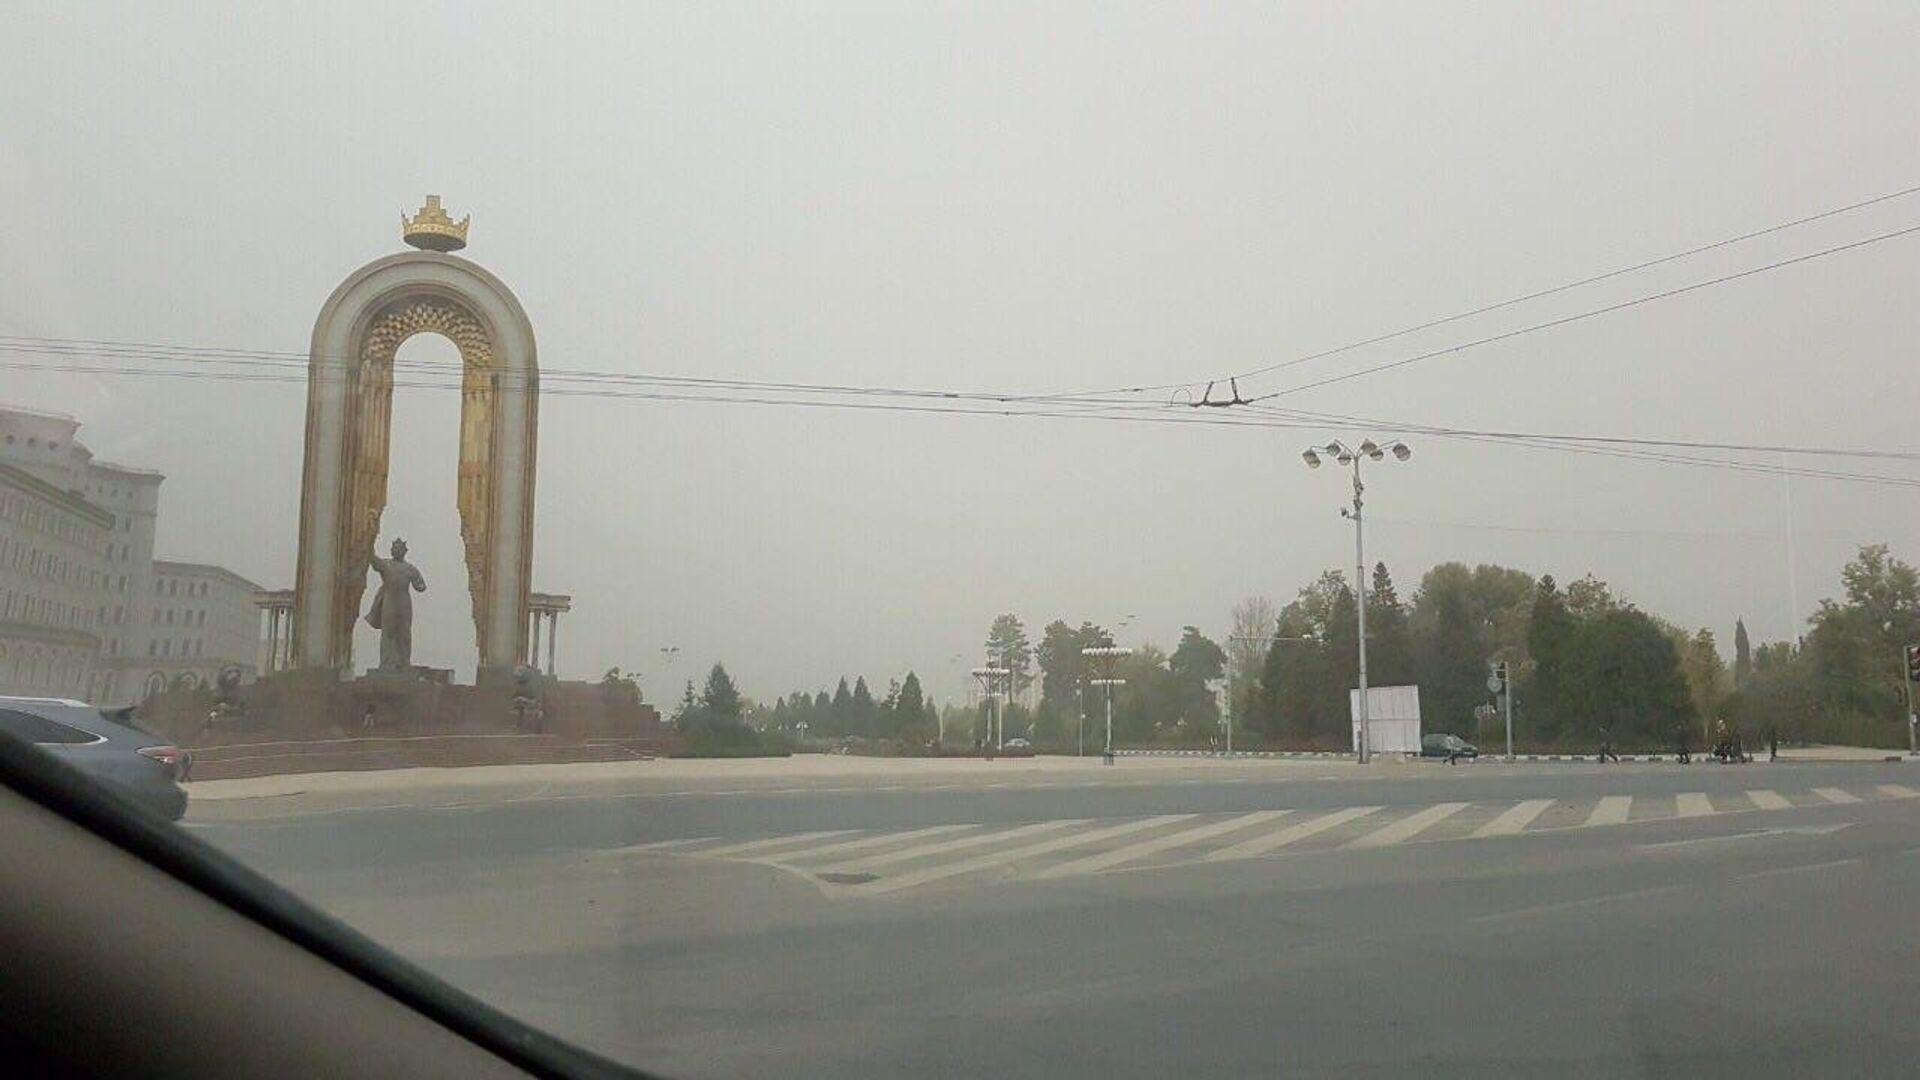 Пыльная буря в Душанбе - Sputnik Тоҷикистон, 1920, 29.09.2021